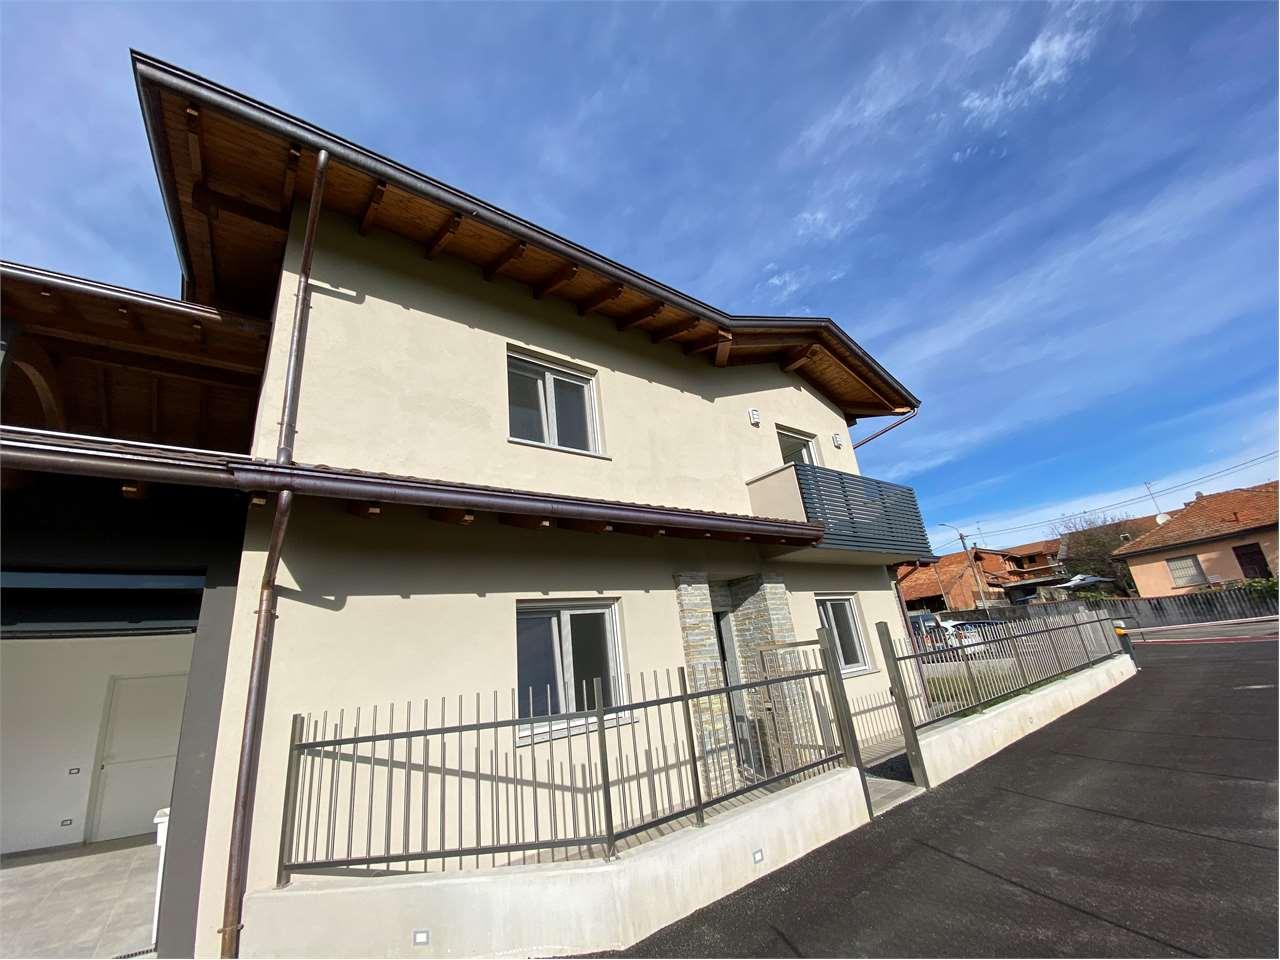 Villa in affitto a Bogogno, 4 locali, prezzo € 1.200 | CambioCasa.it